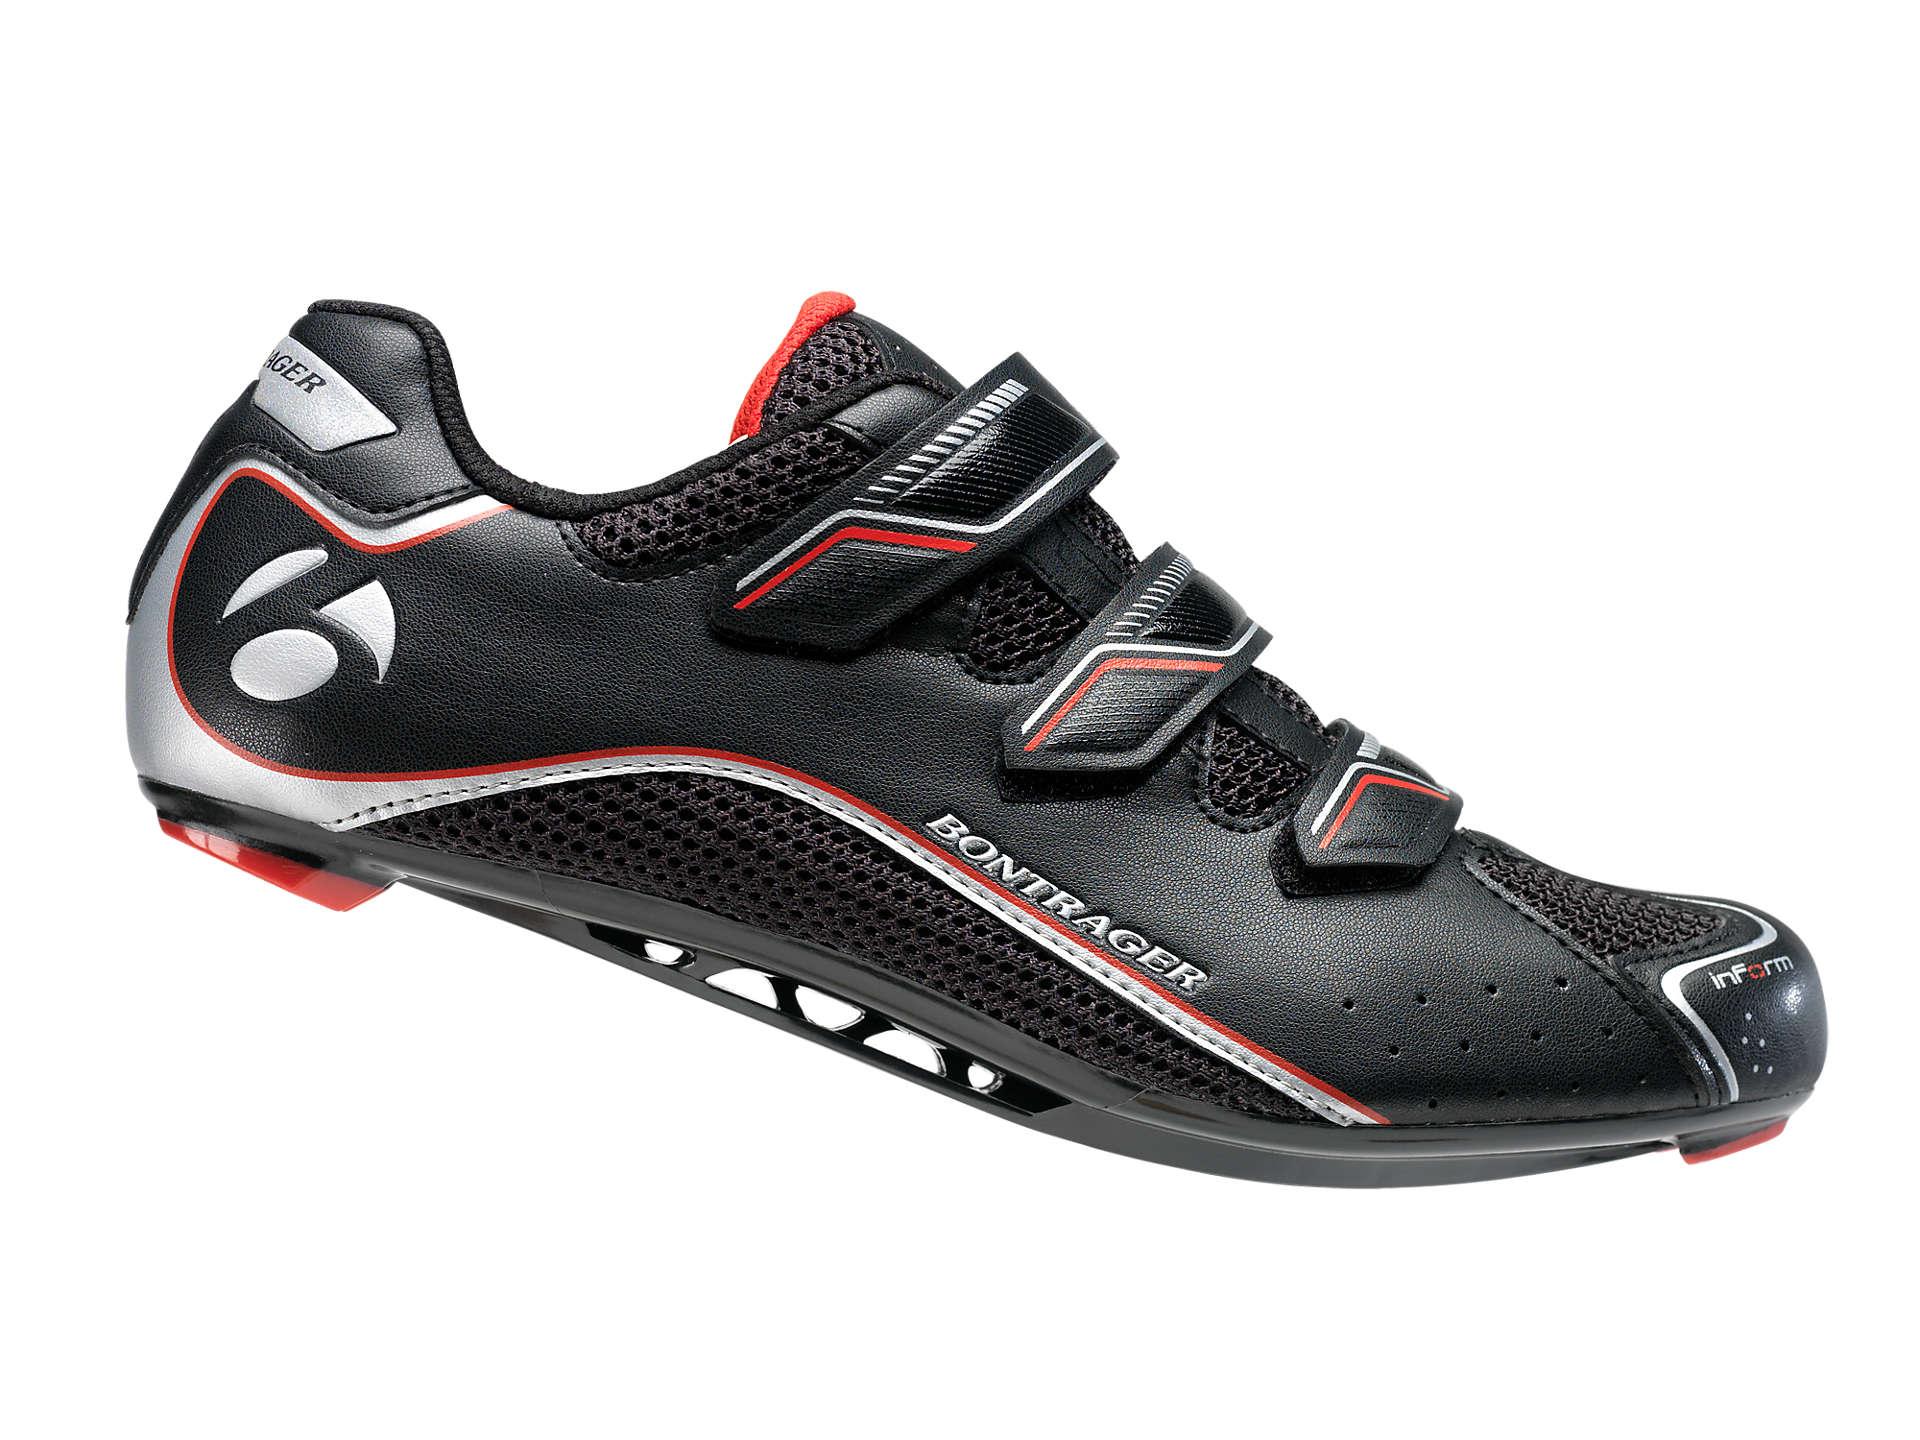 Sapatilha Bontrager Race Shoe